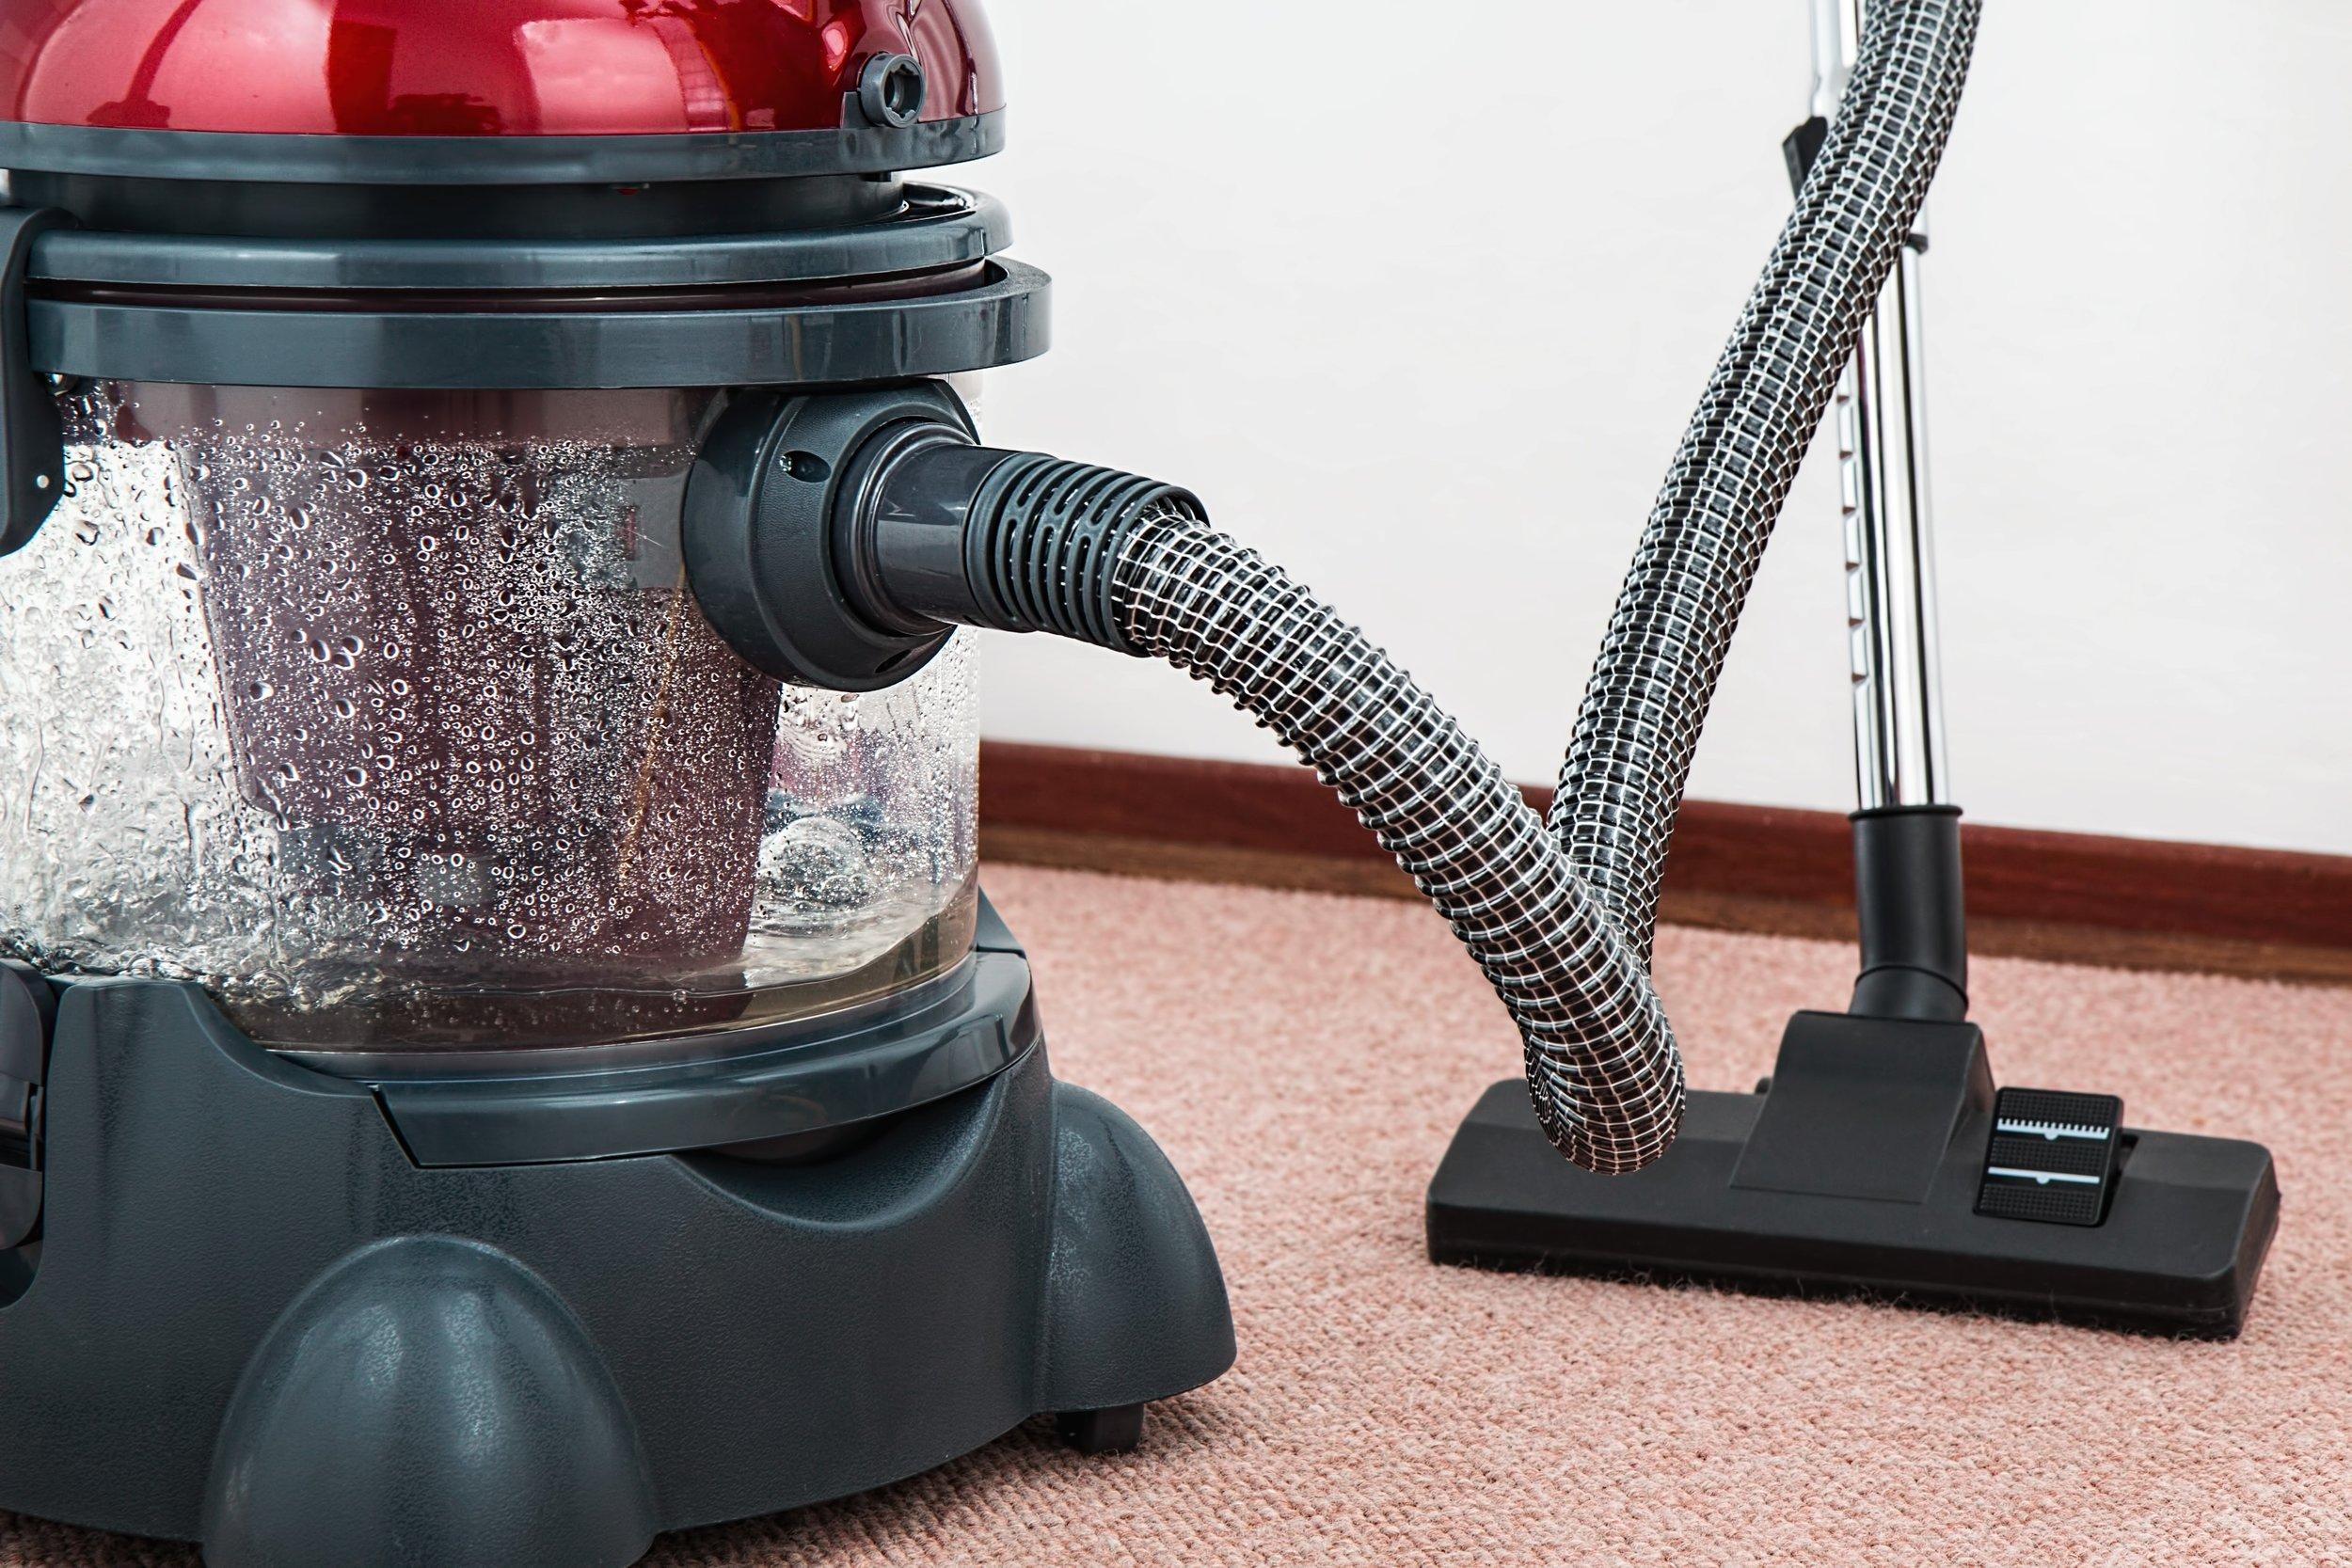 appliancecarpet.jpg